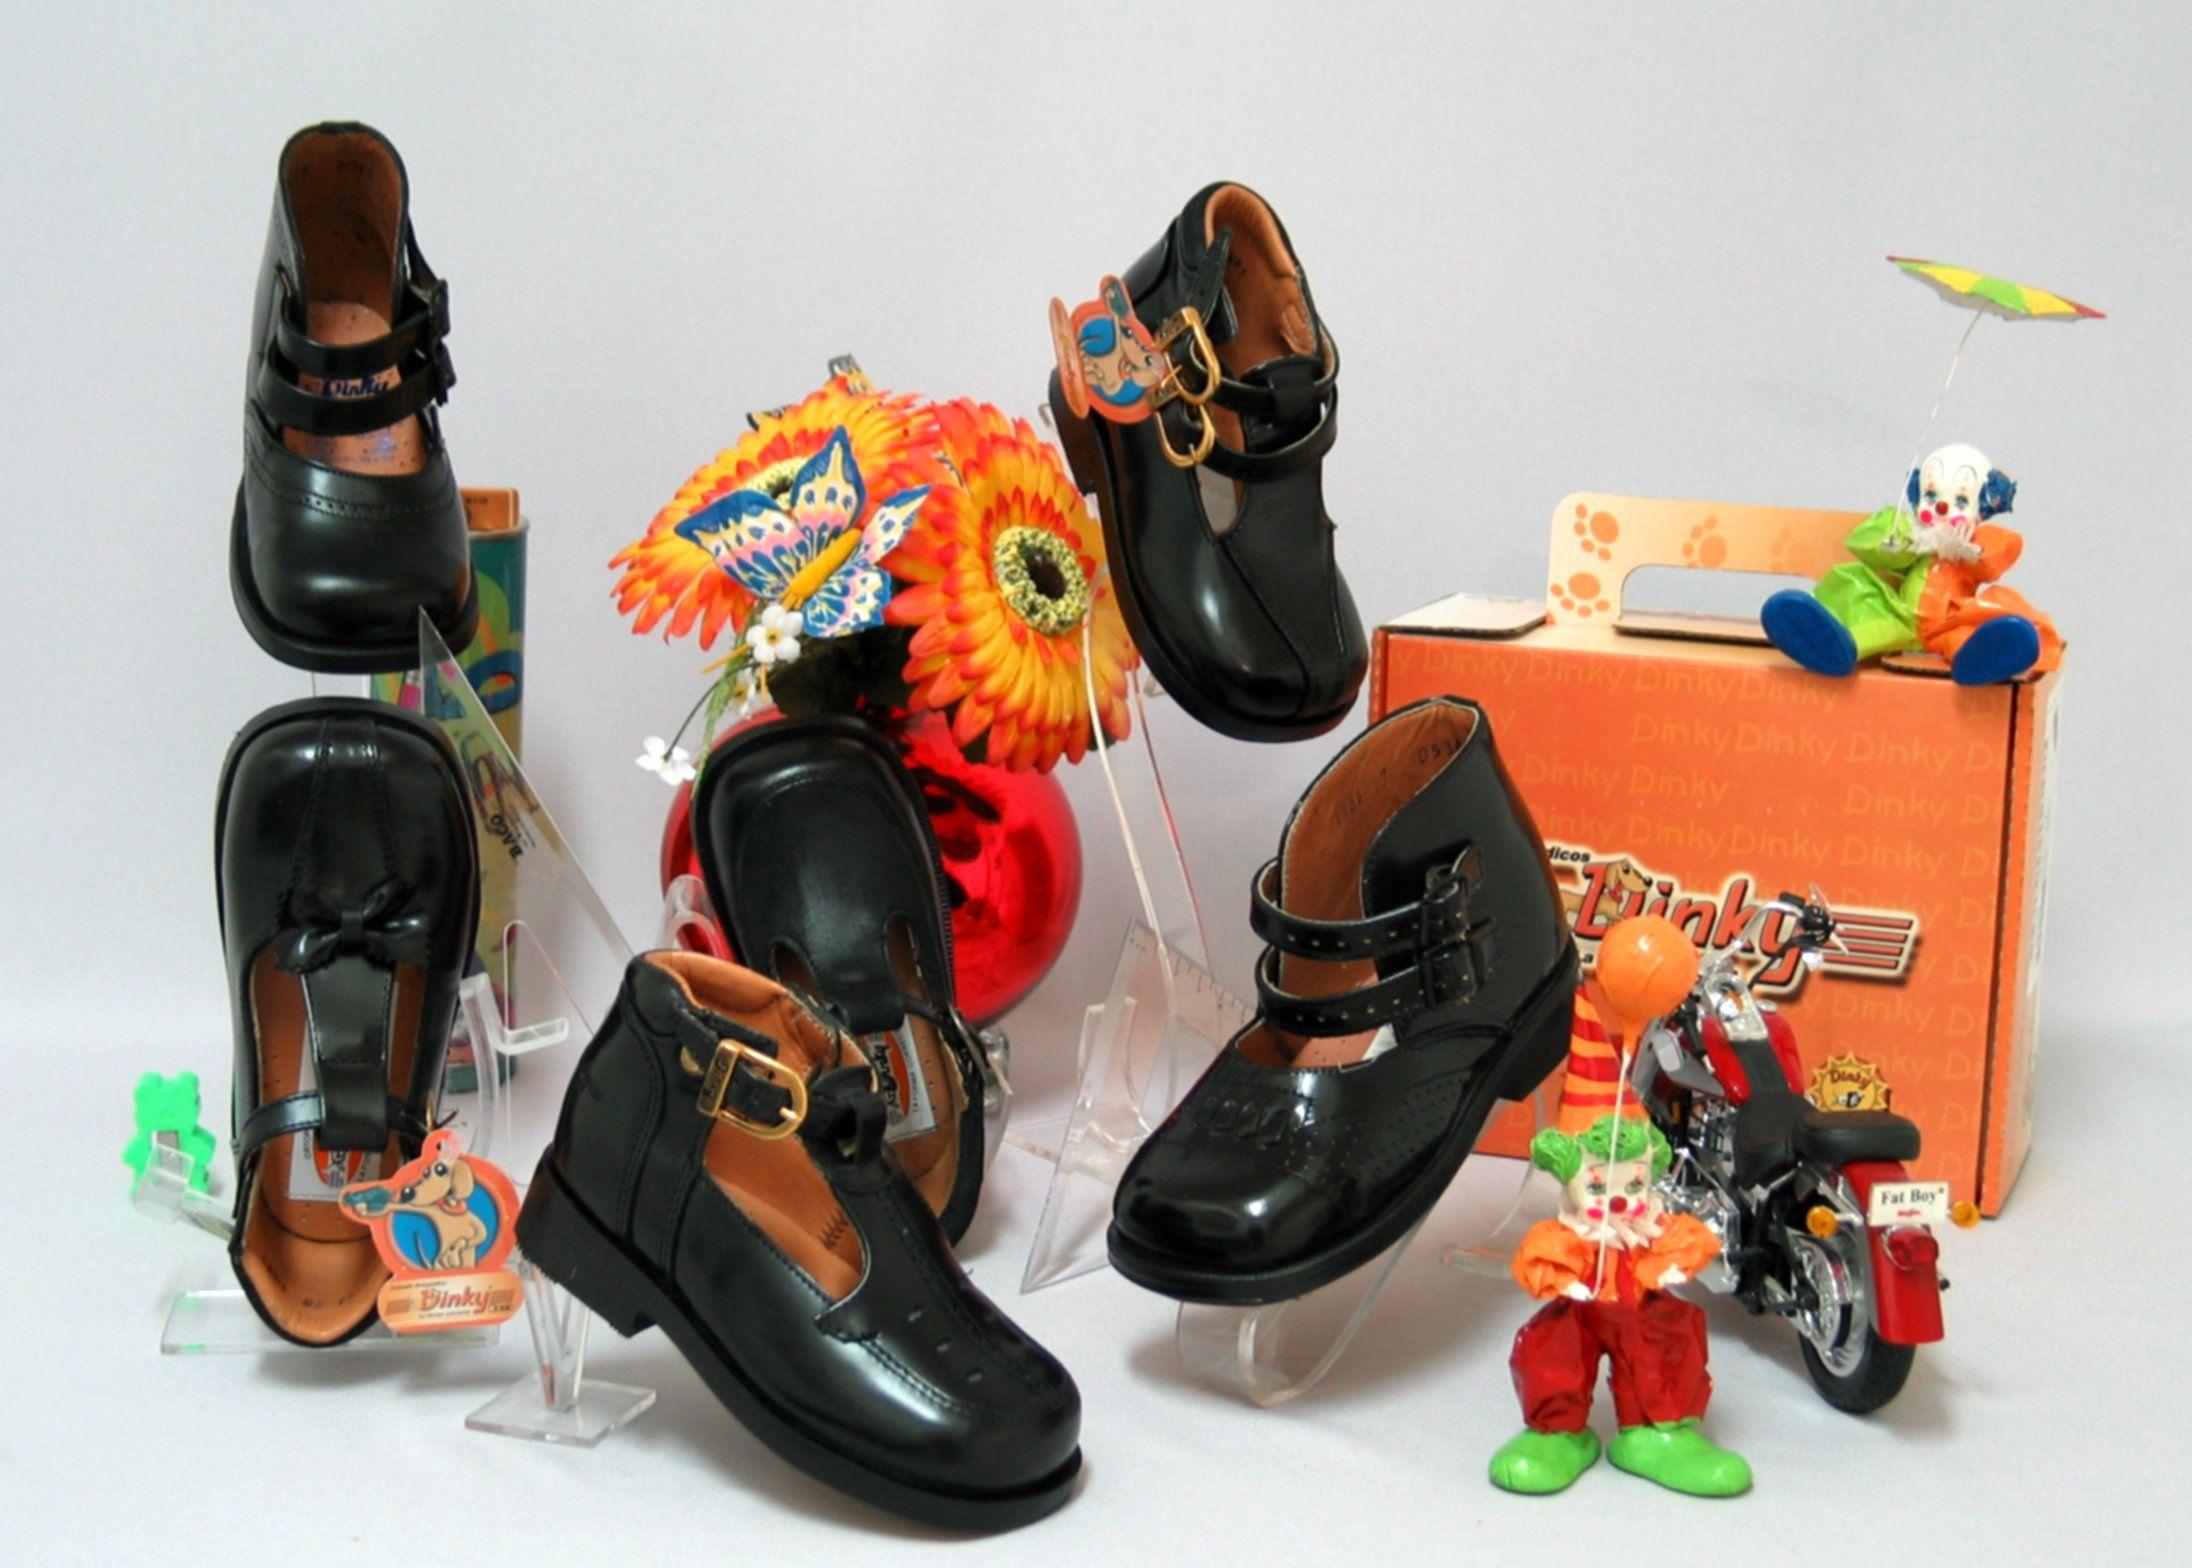 306649f23 Variedad de zapatos ortopédicos para niños varones de 5 a 16 años de edad